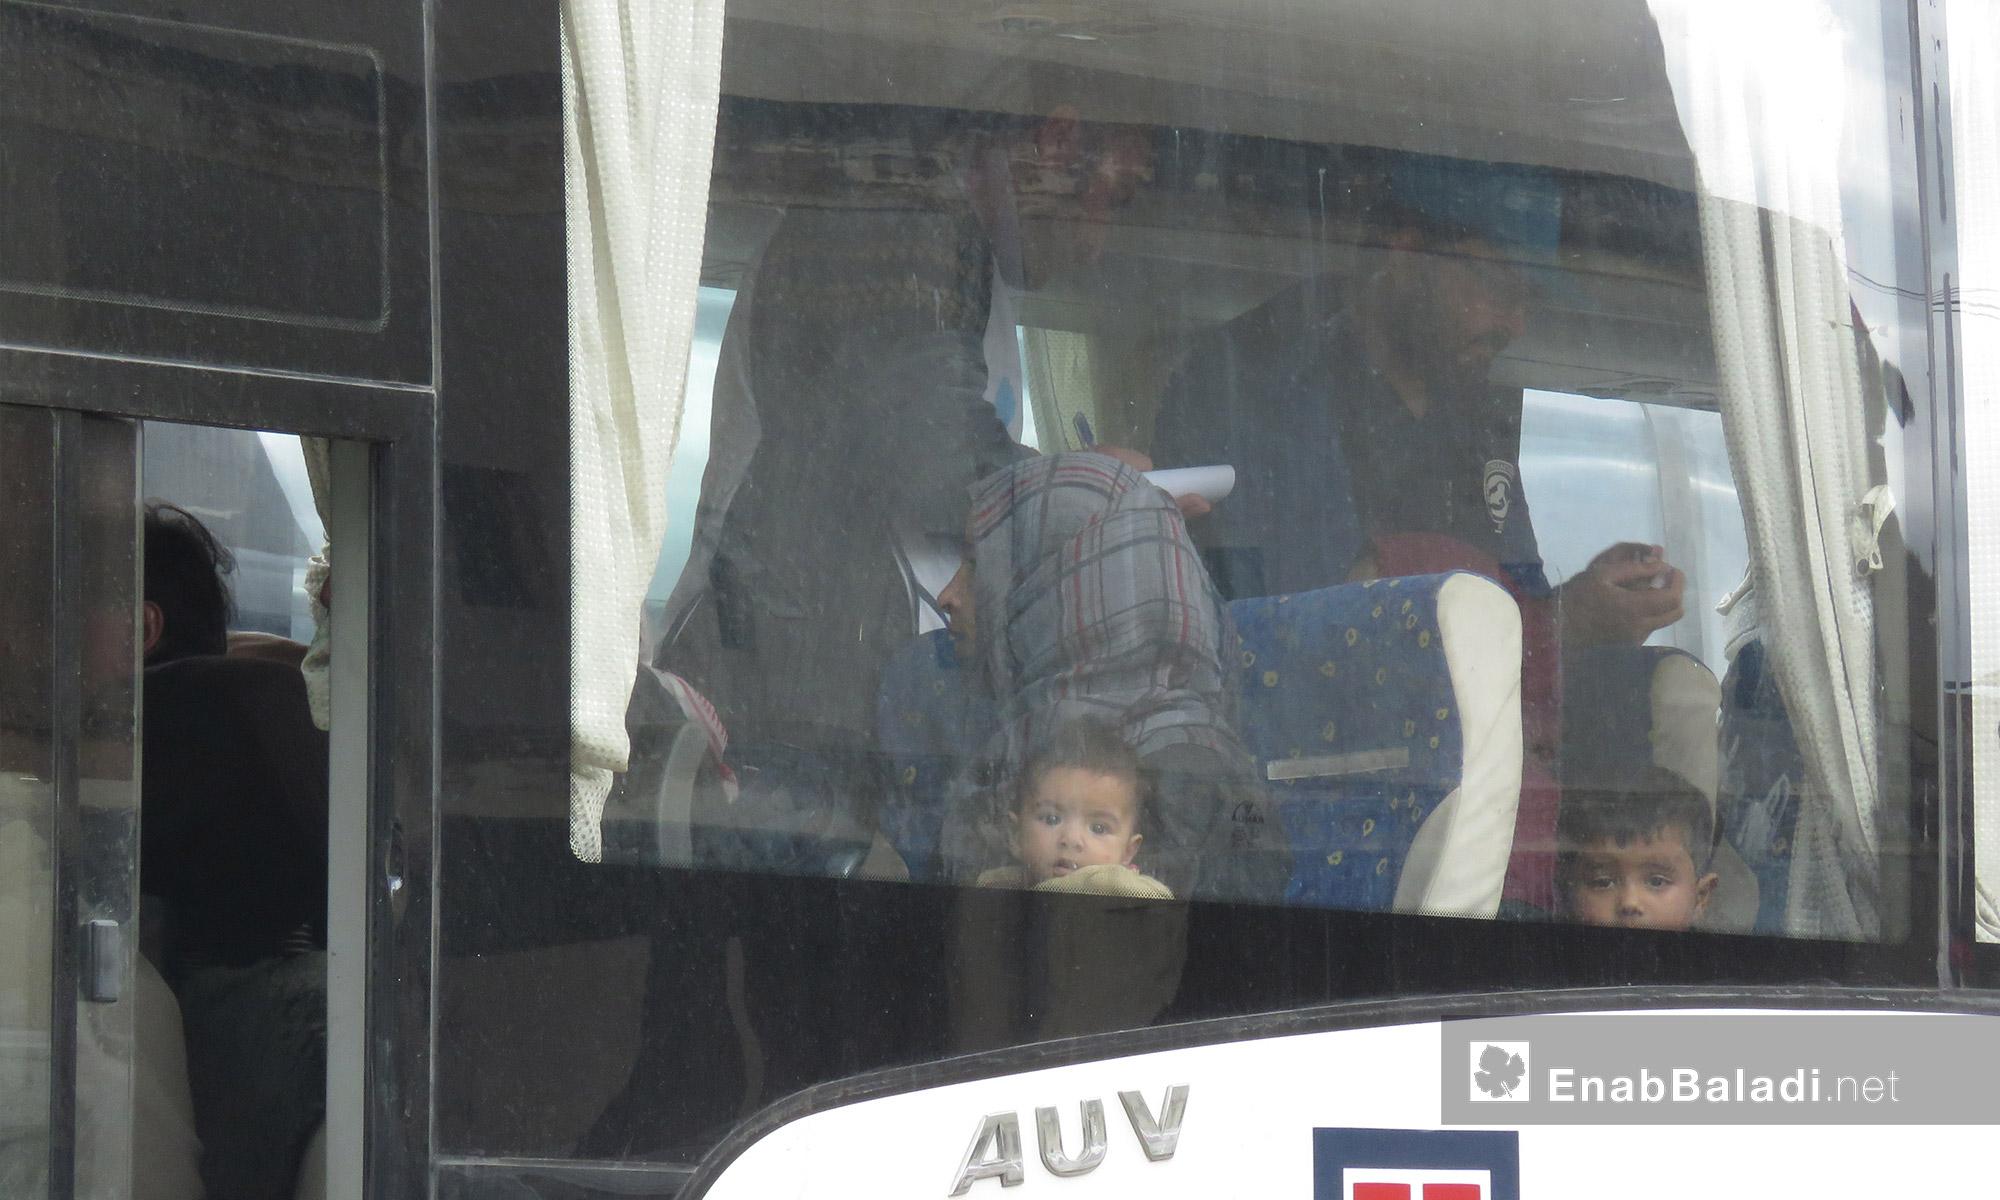 أطفال ومهجرون داخل حافلة وصلت من عربين إلى قلعة المضيق غربي حماة - 25 آذار 2018 (عنب بلدي)